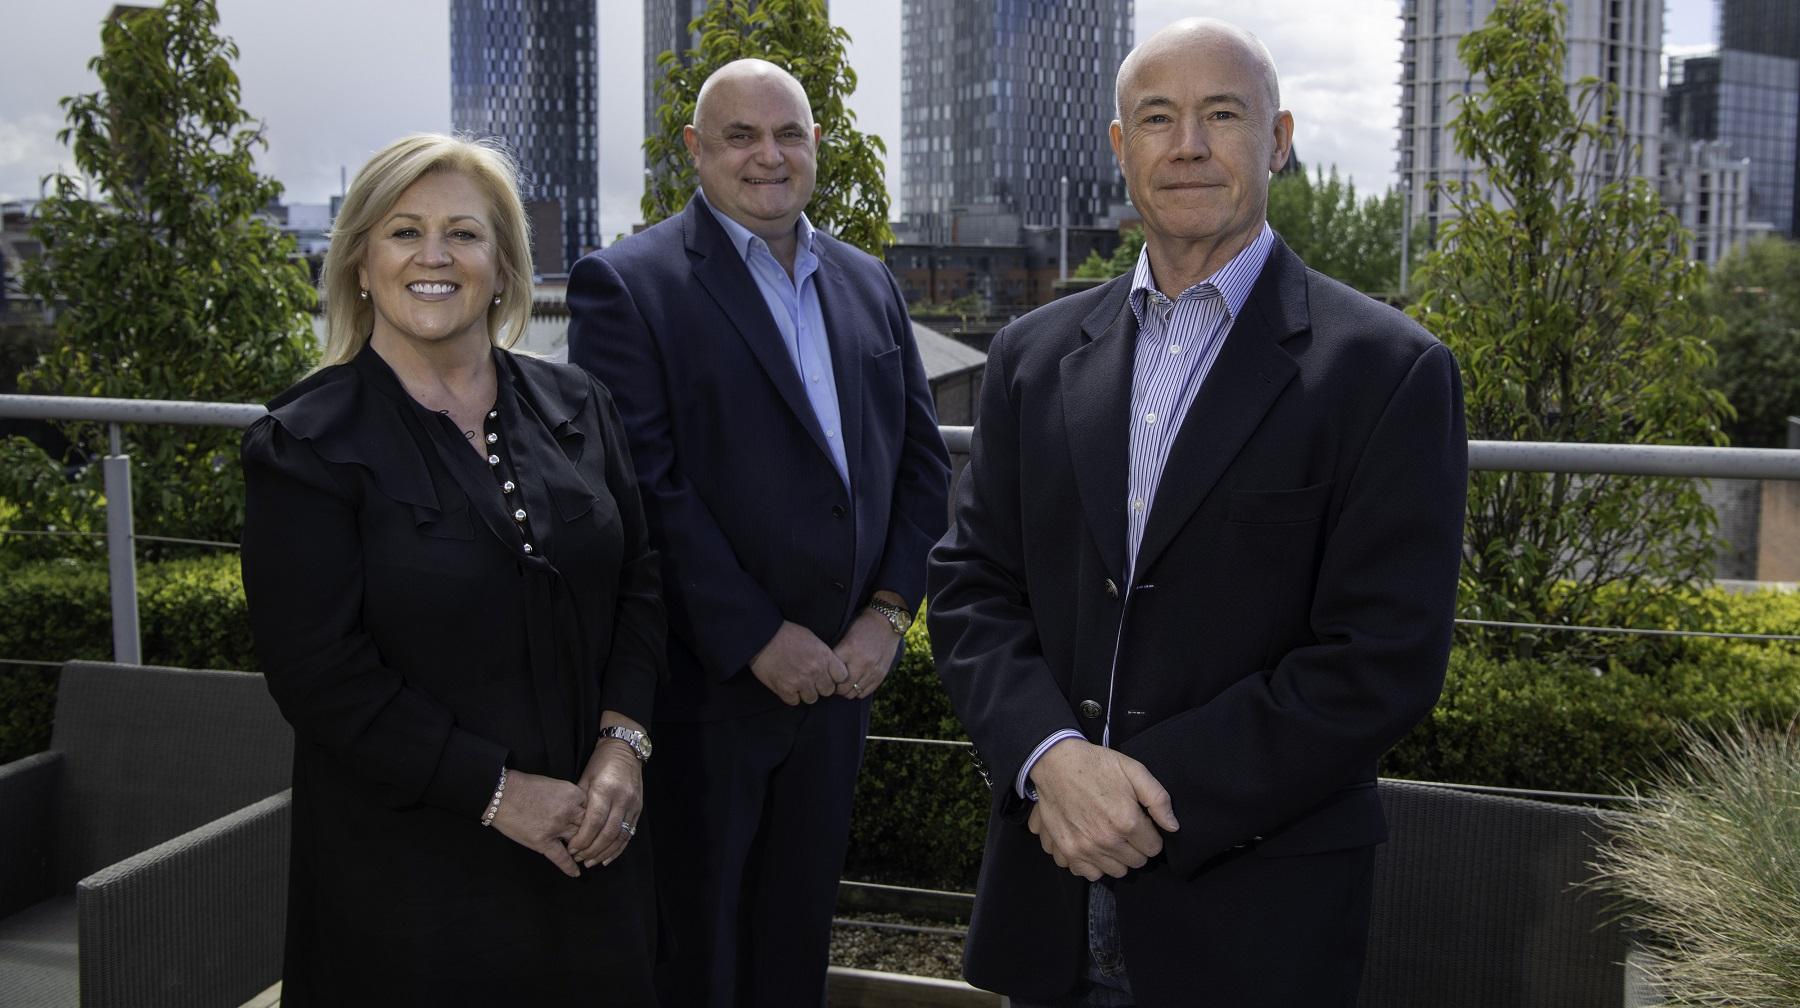 Begbies Traynor Group seals finance broker deal